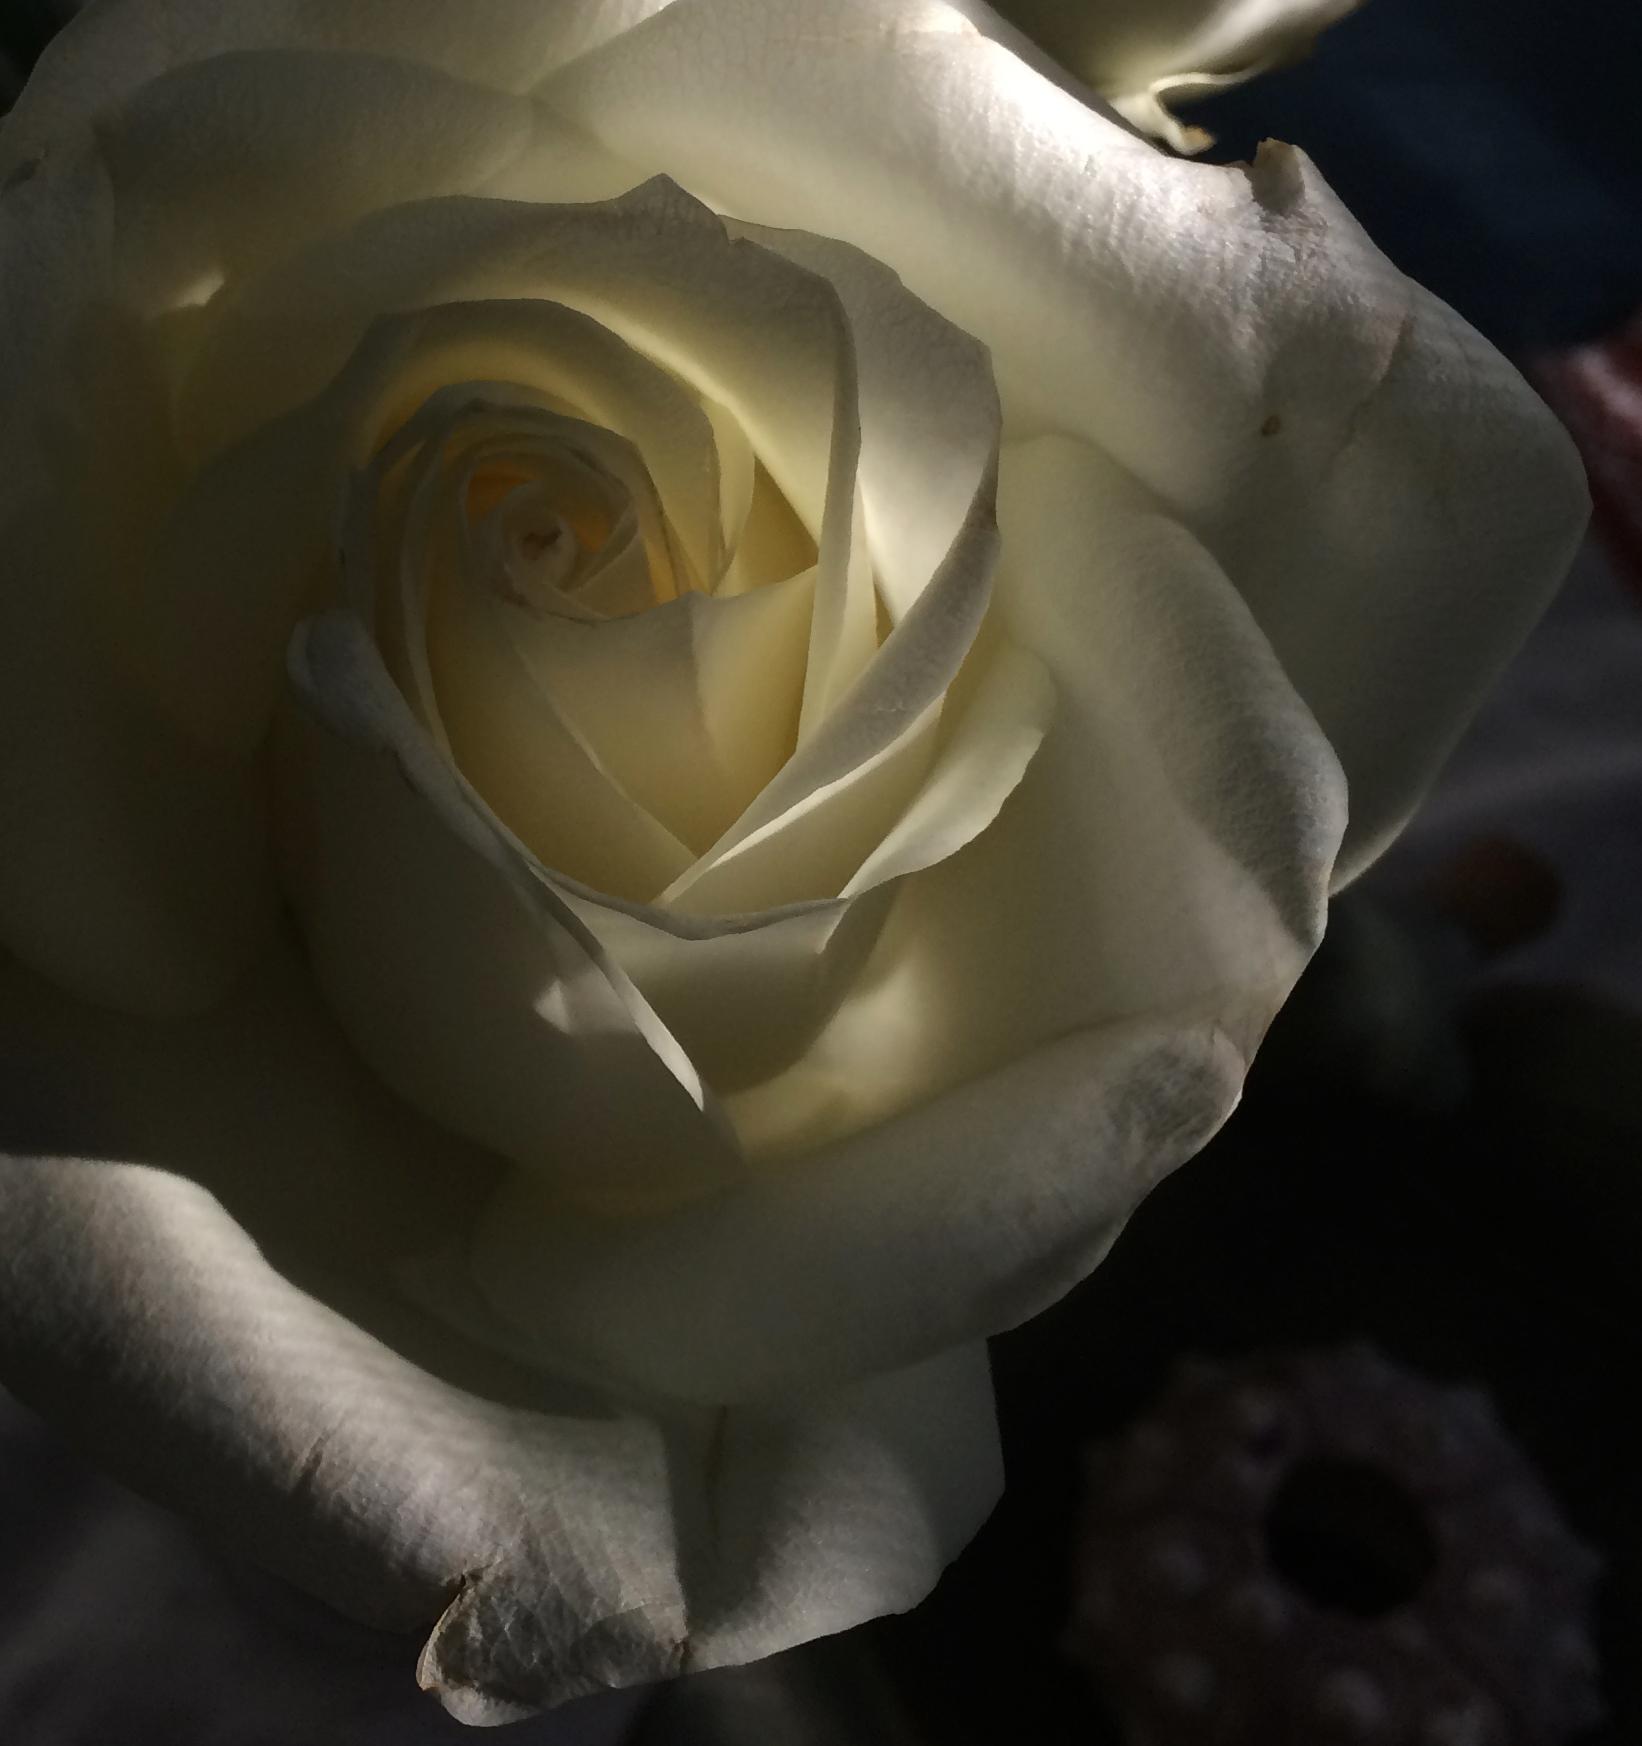 rose in the morning light